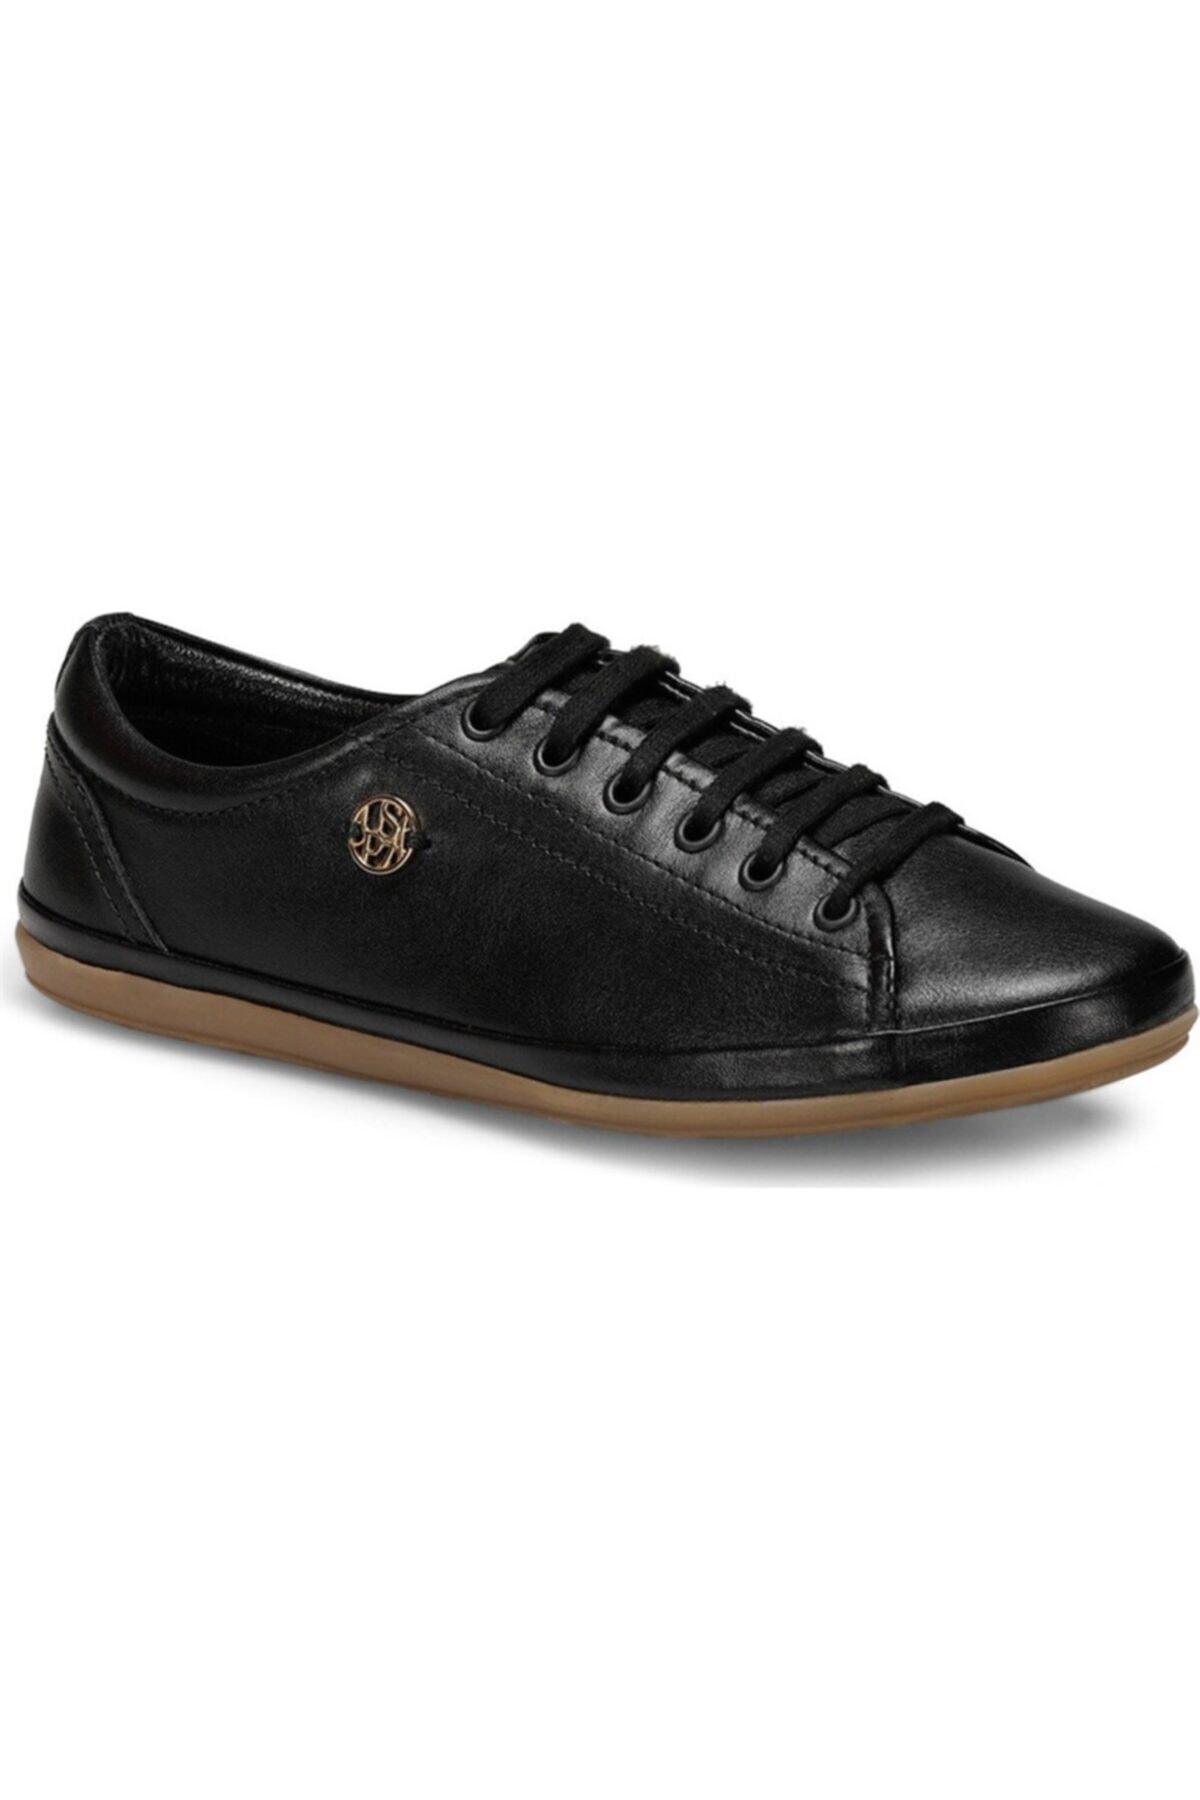 JOJO 1FX Siyah Kadın Sneaker 100696334